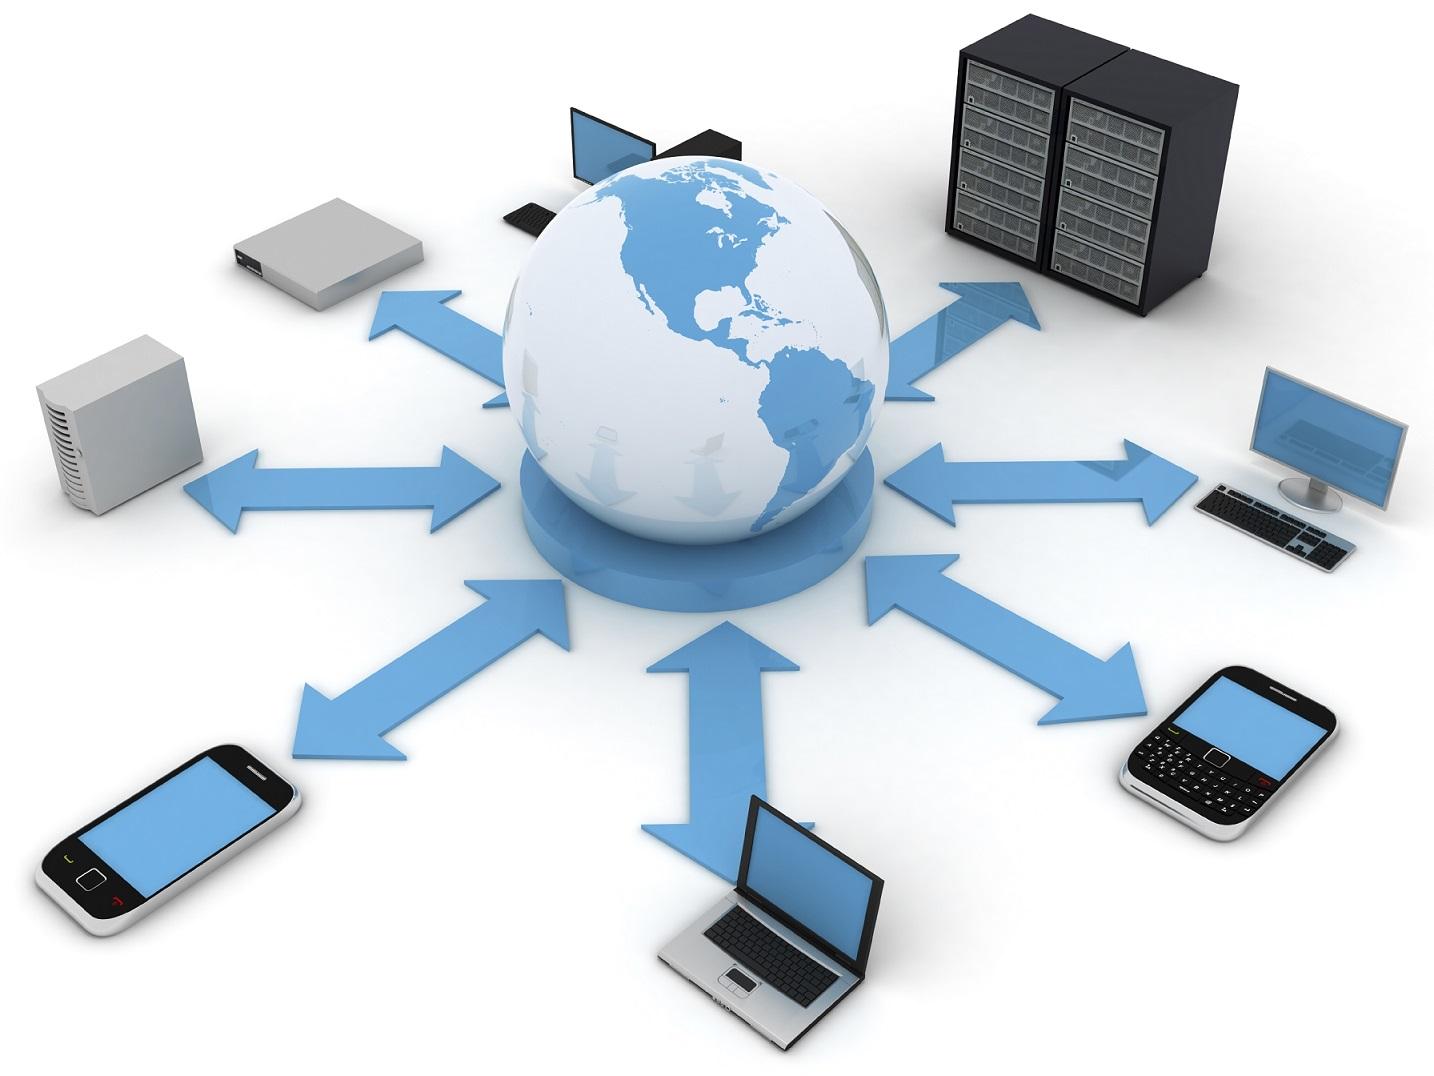 خدمات تعمیر سخت افزار و نرم افزار کامپیوتر و لپ تاپ در محل